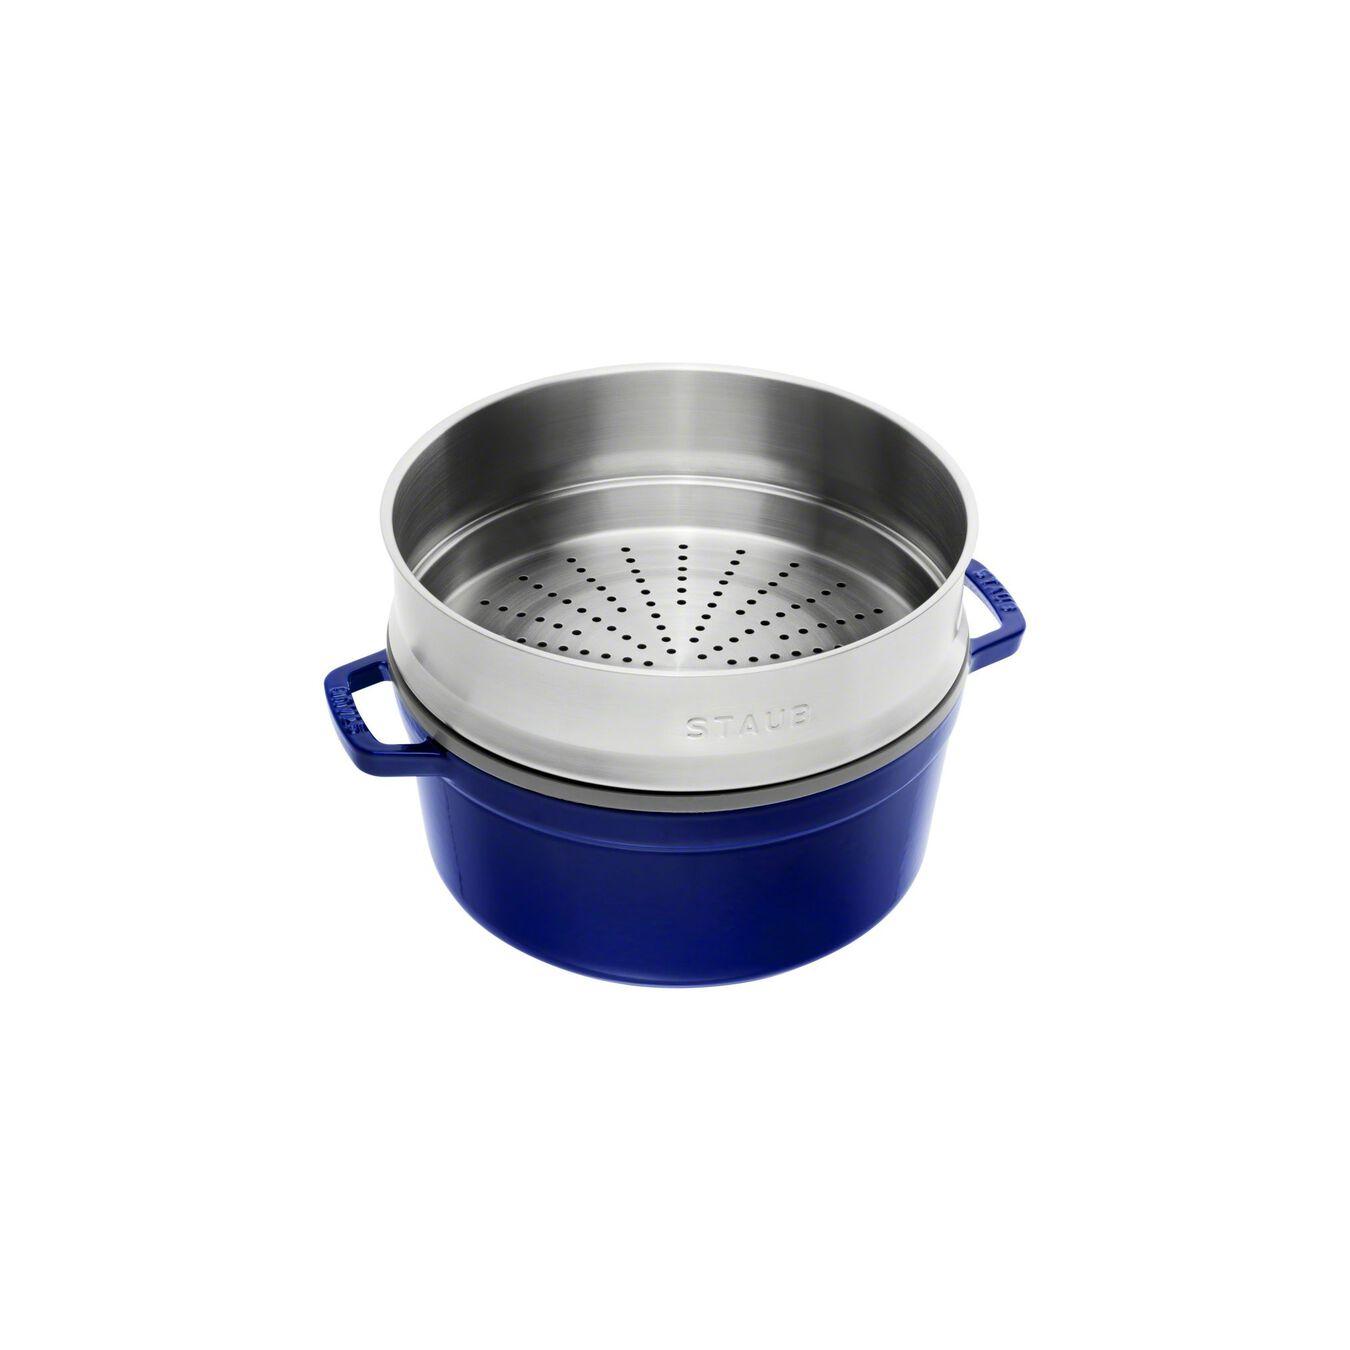 Cocotte avec panier vapeur 26 cm, Rond(e), Bleu intense, Fonte,,large 2